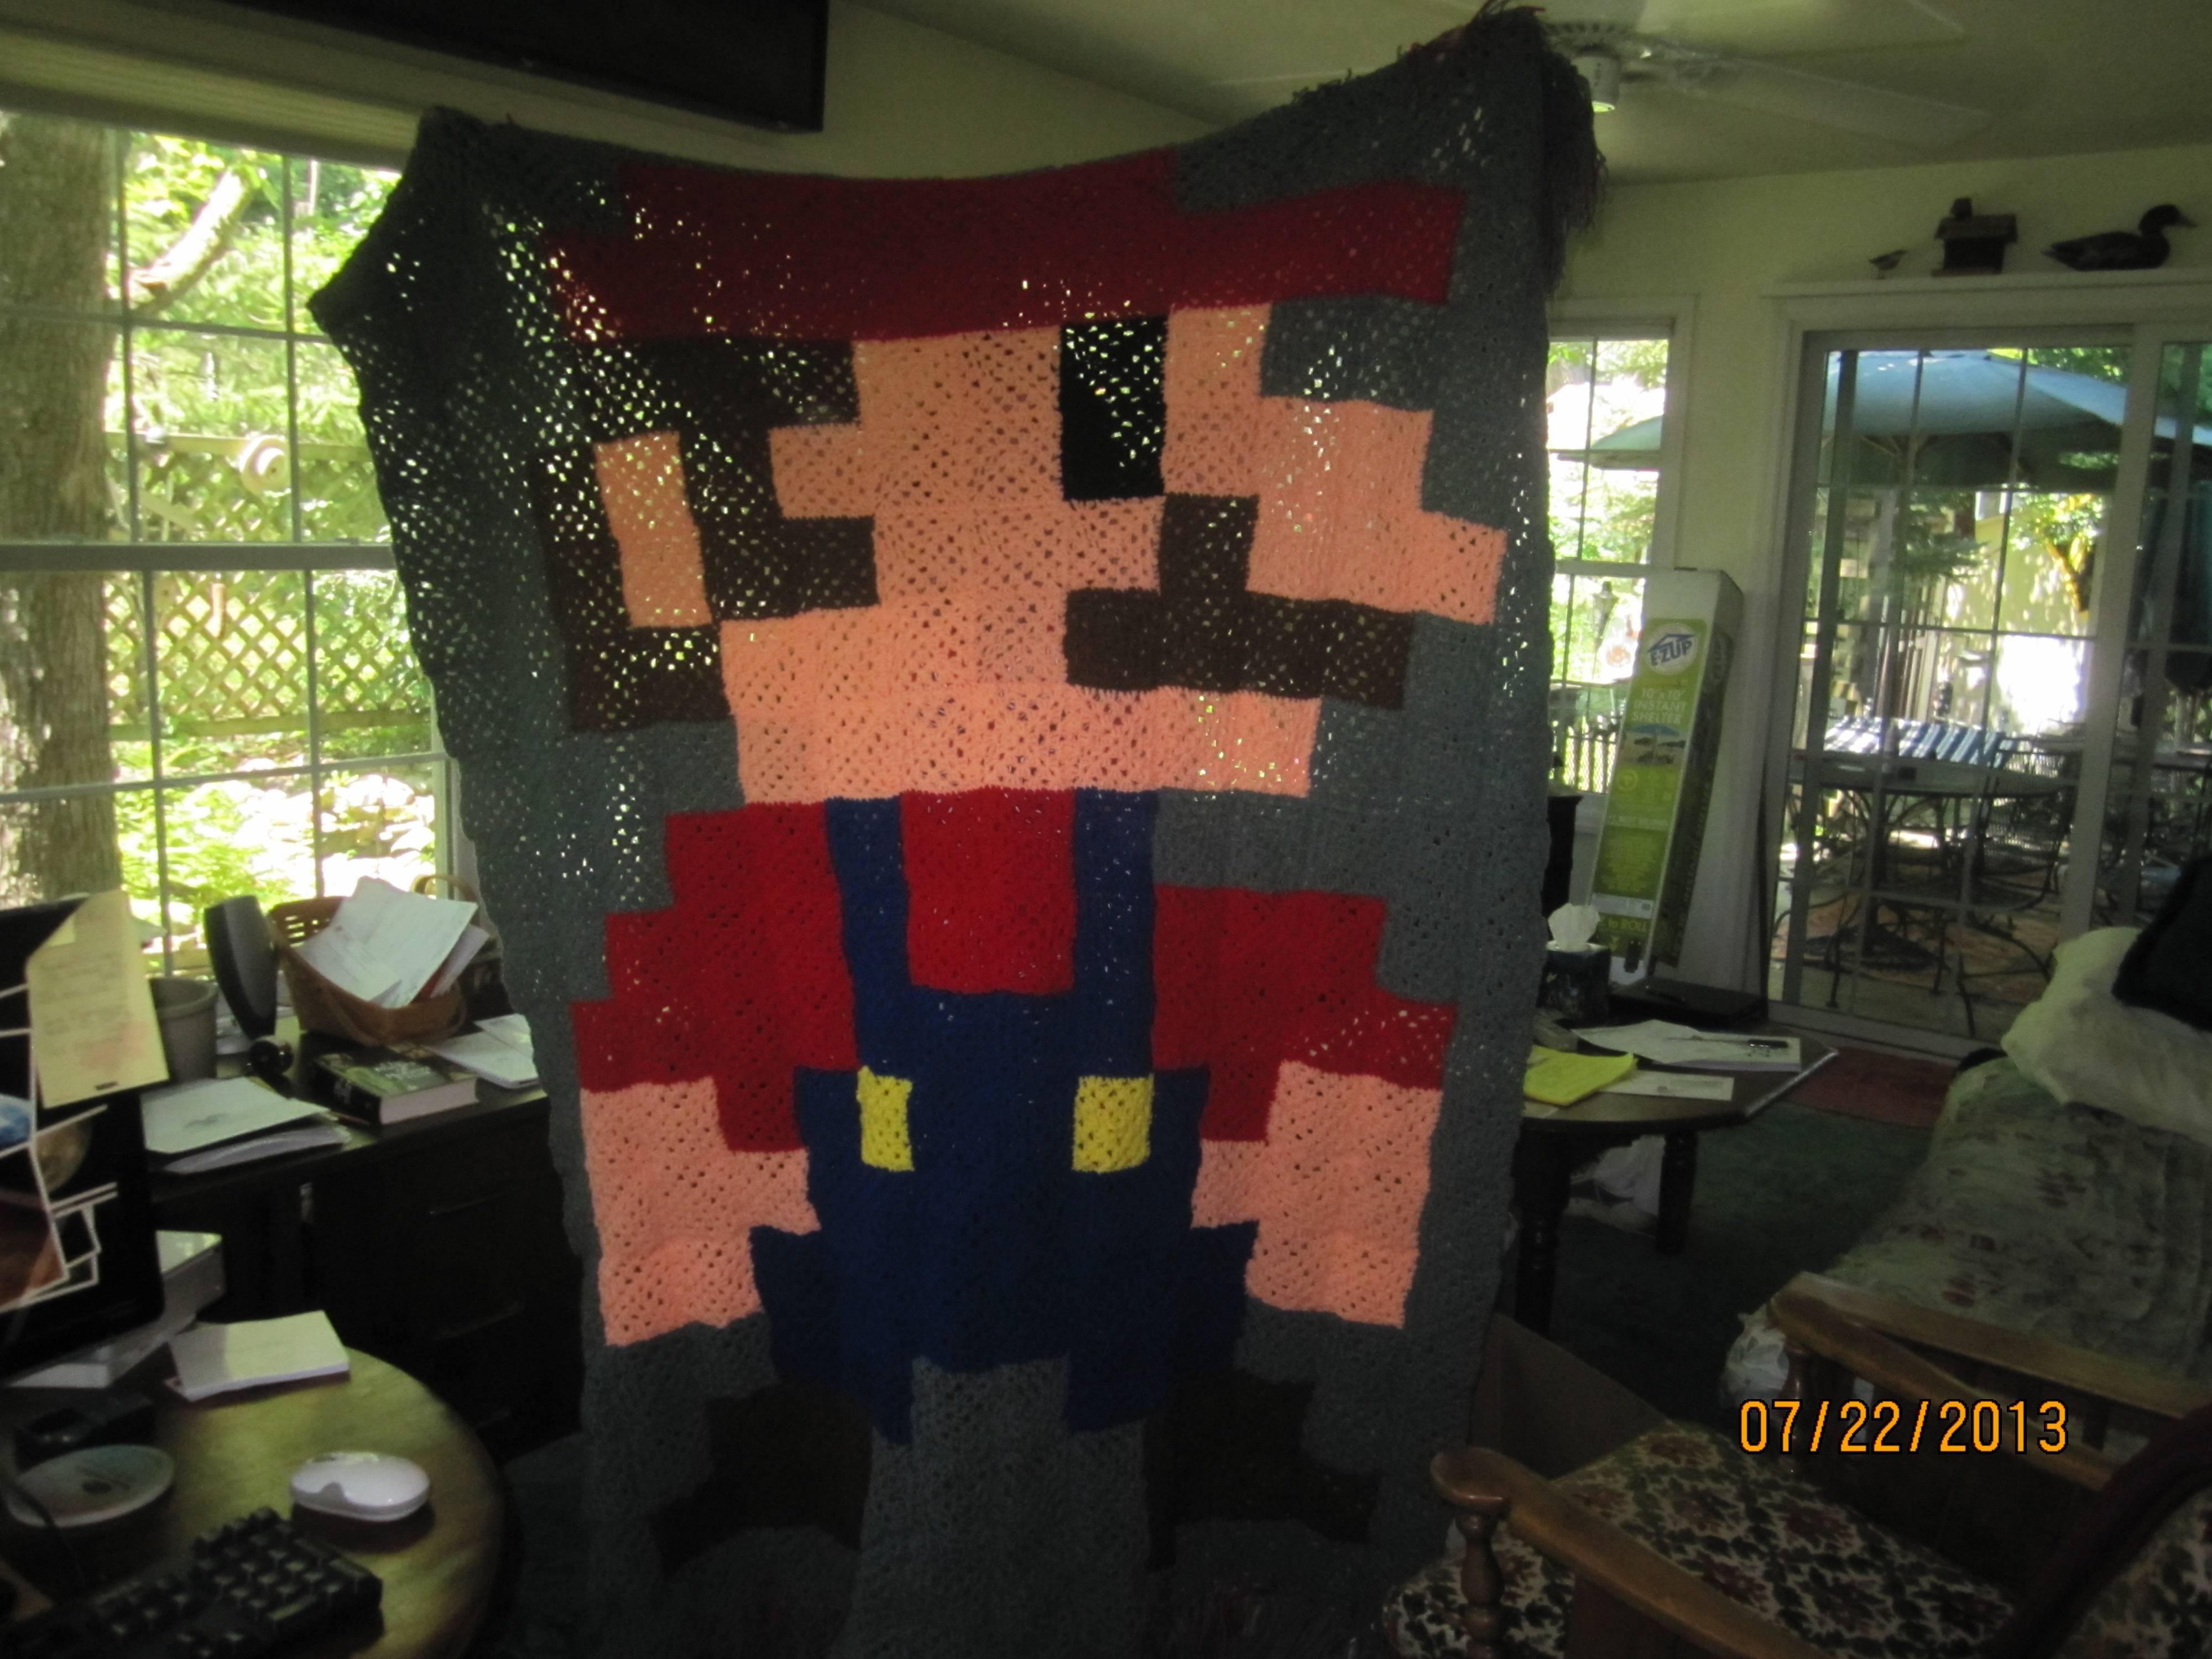 How To Crochet An 8 Bit Mario Blanket